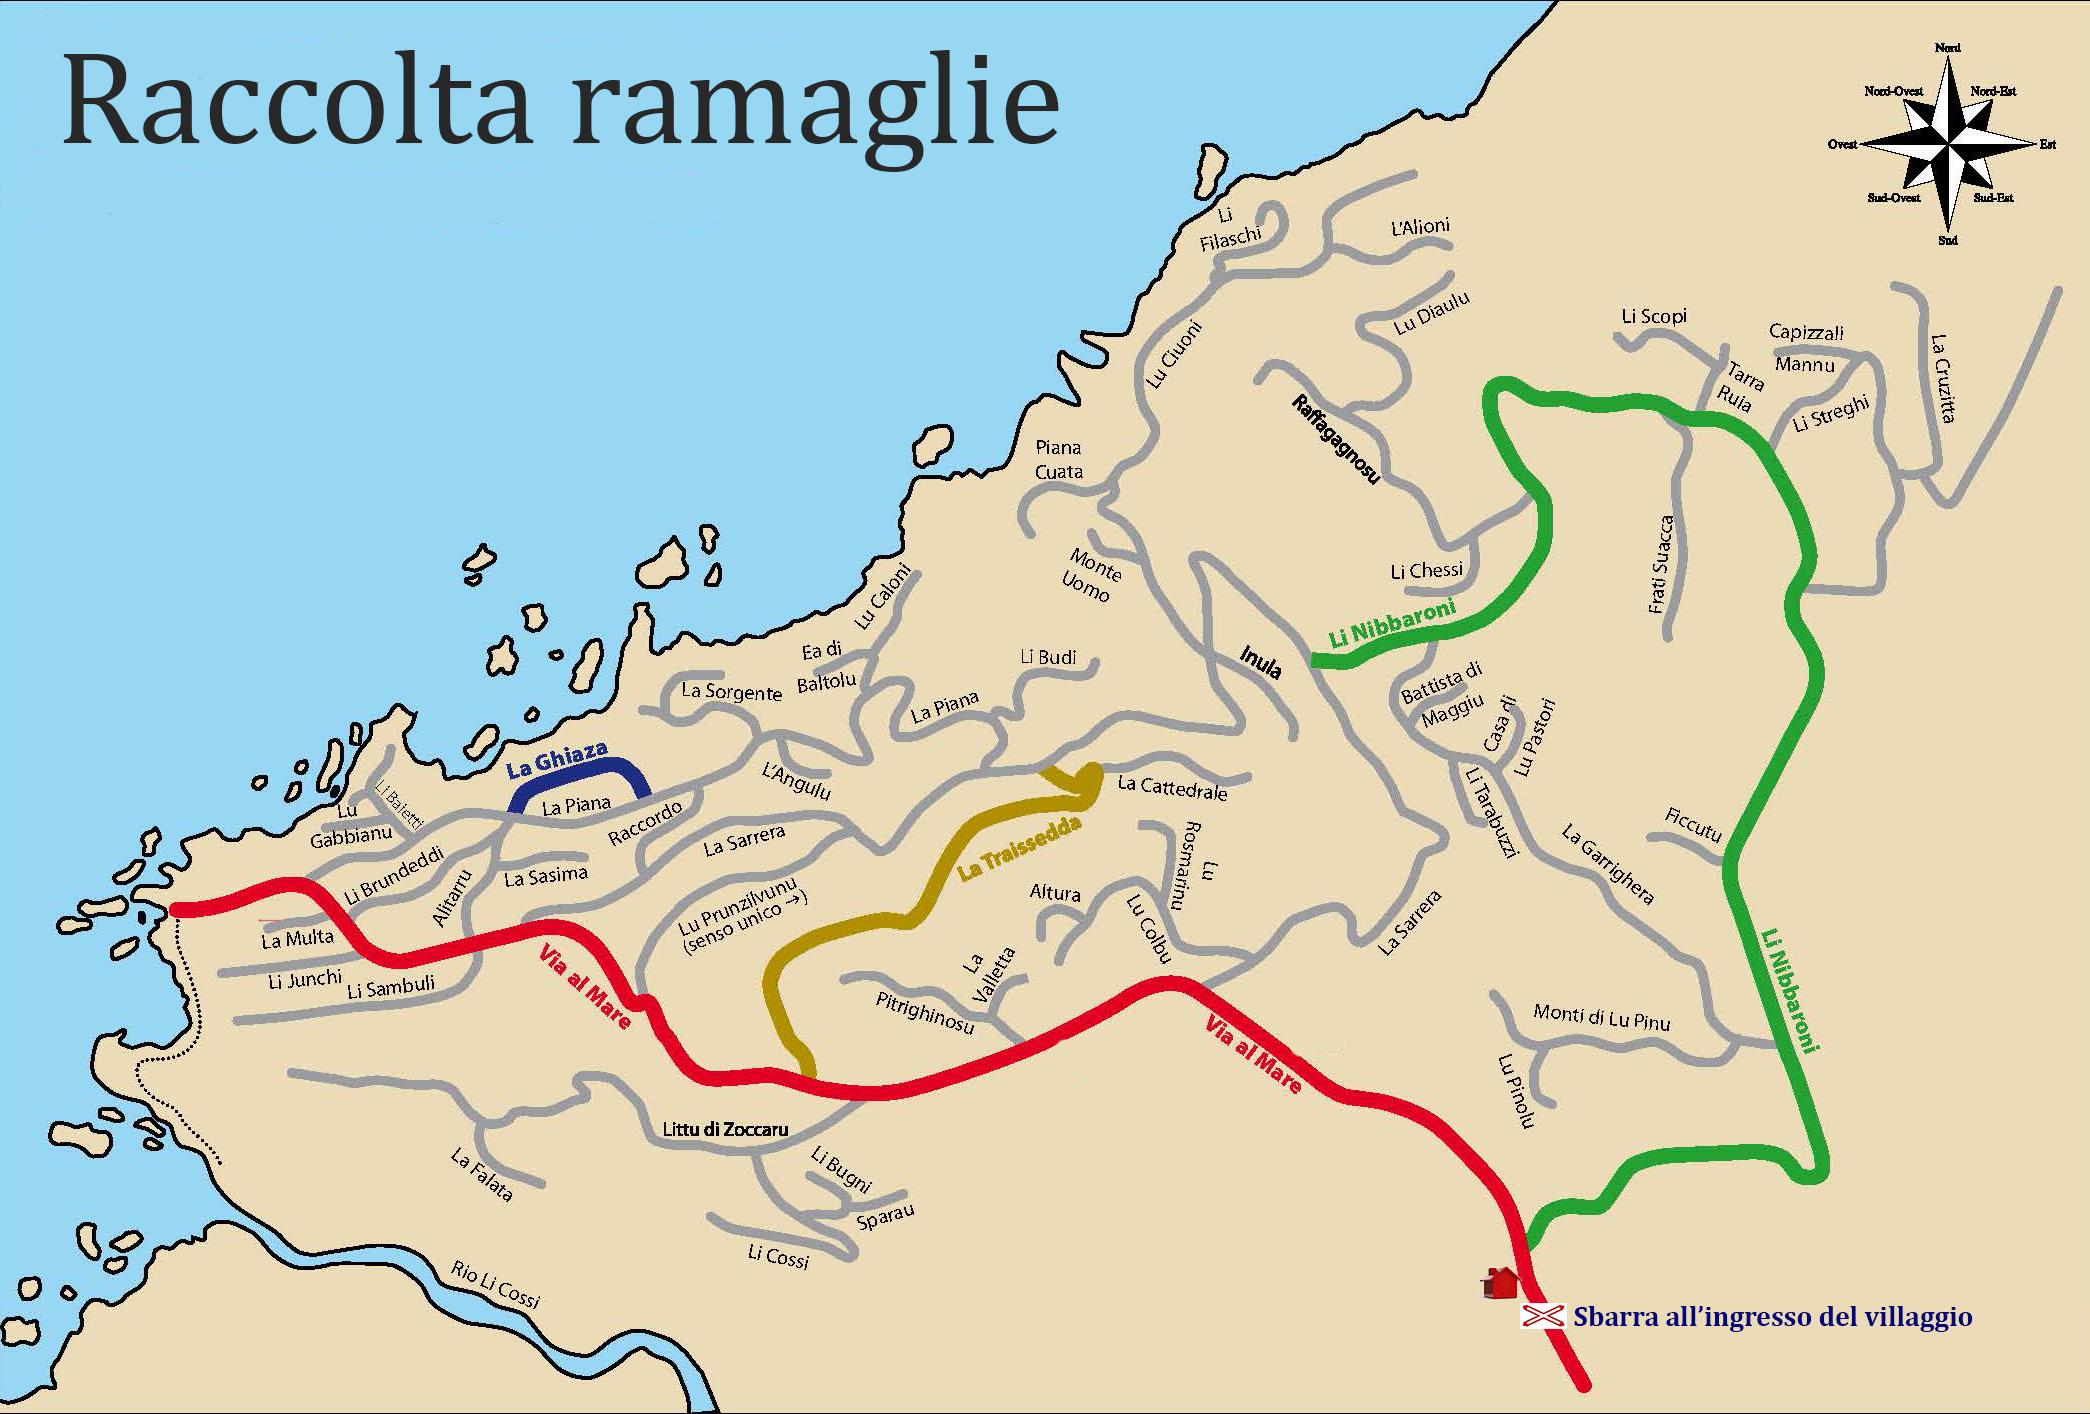 Territorio costa paradiso mappe